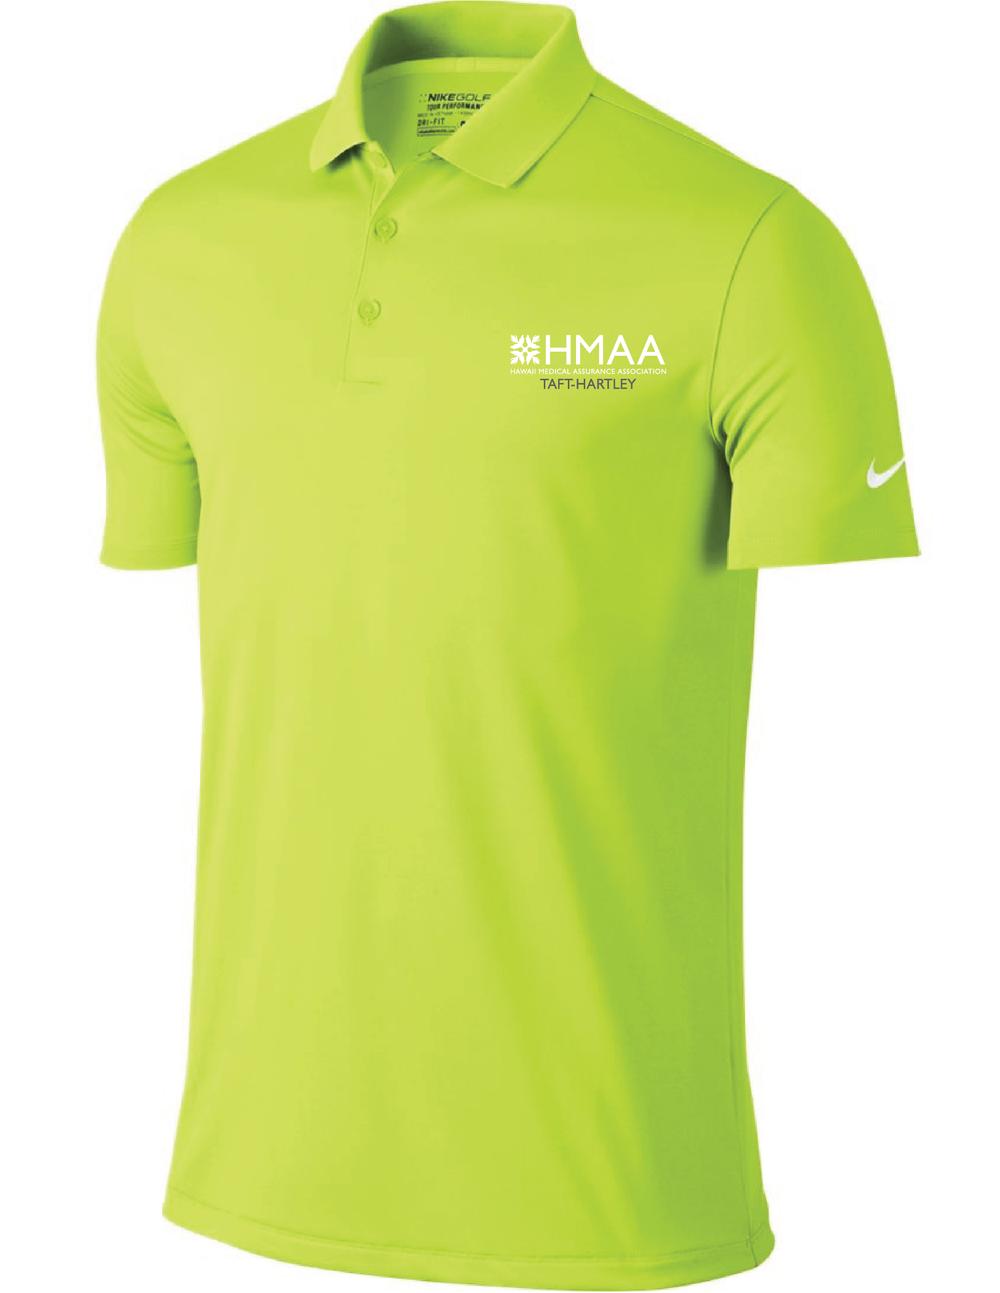 hmaa green.png